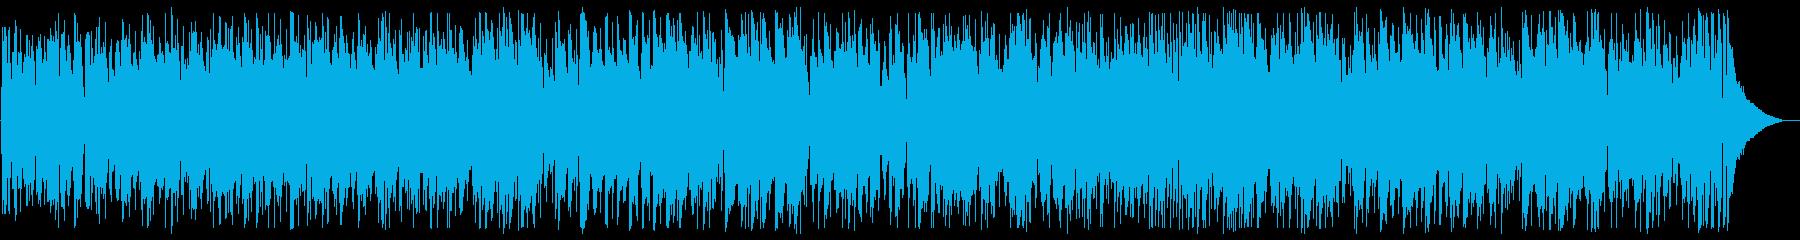 アヴェ・マリア/グノー acousticの再生済みの波形